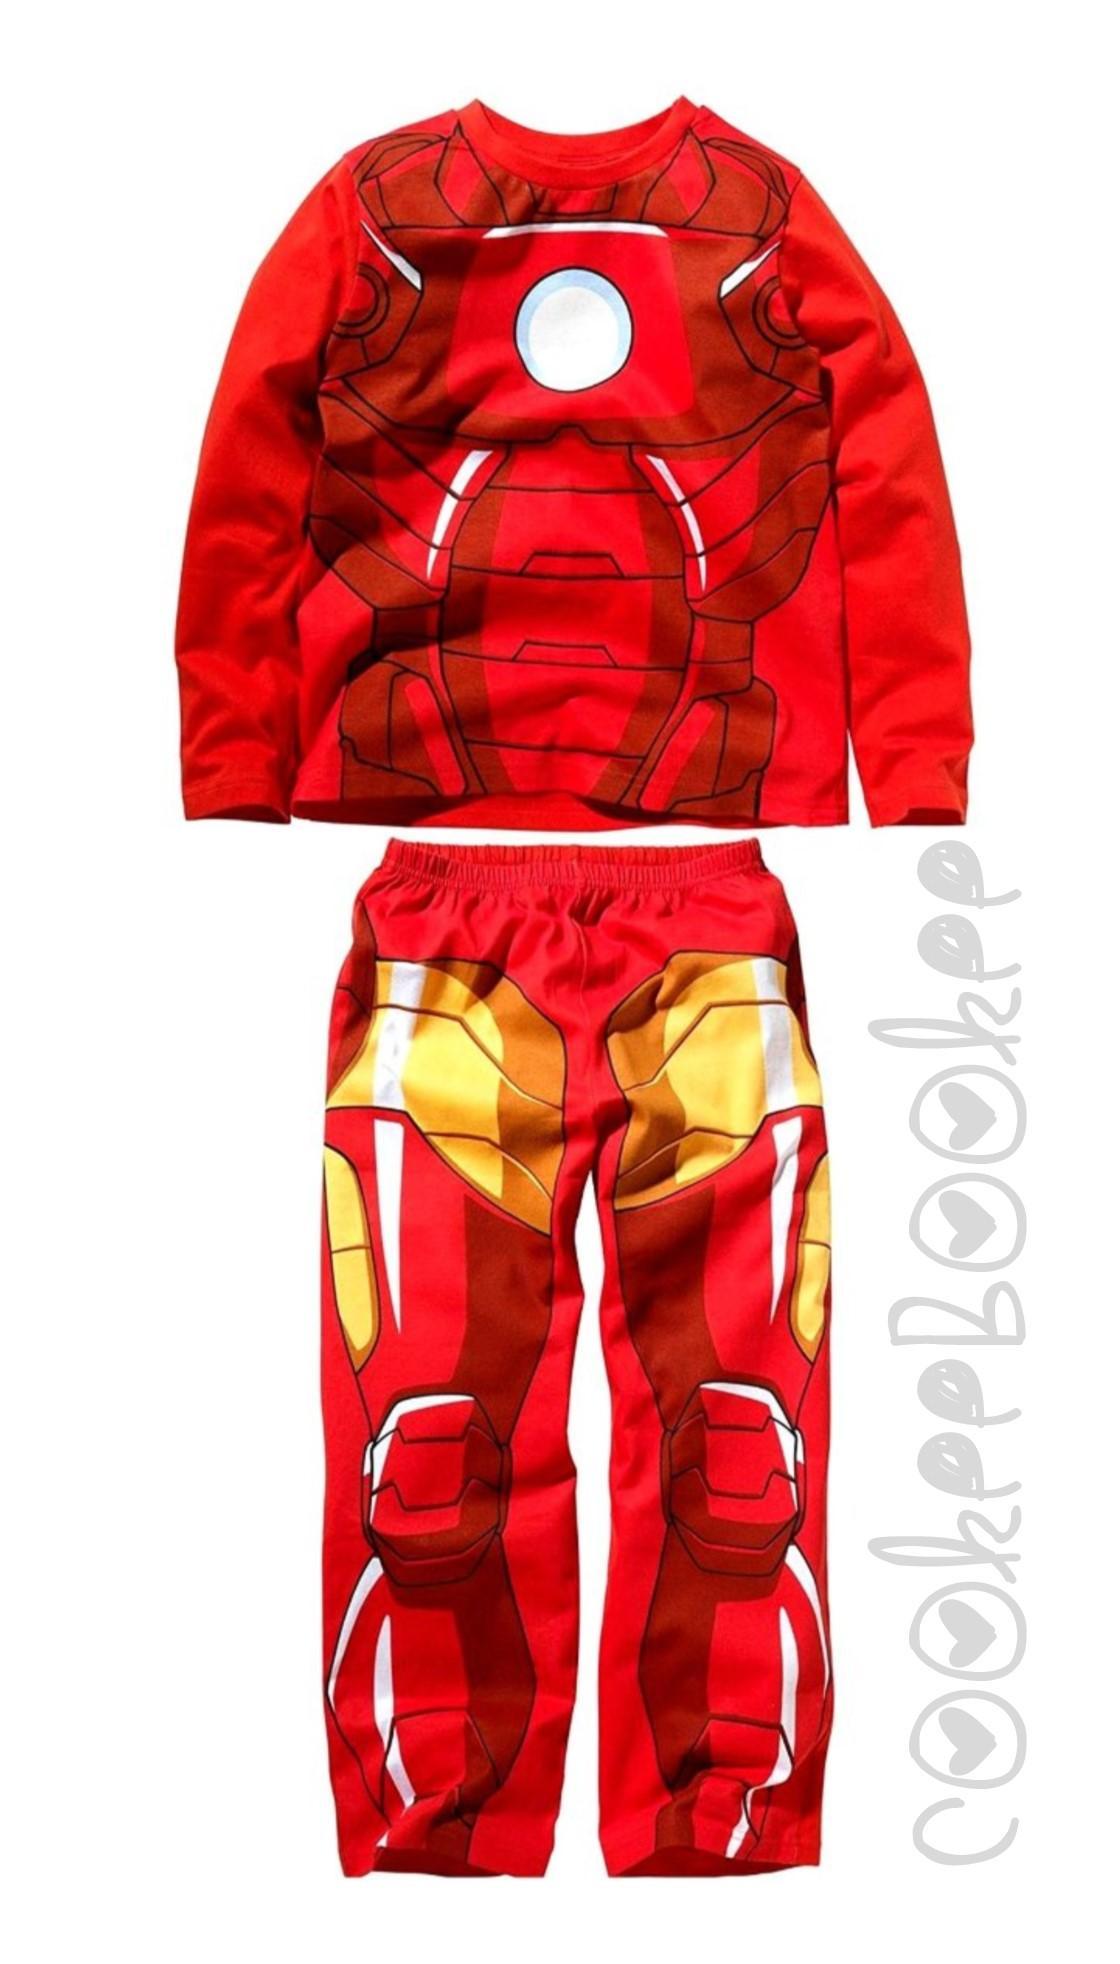 Iron Man Animated Basic Costume Child Size 7-8